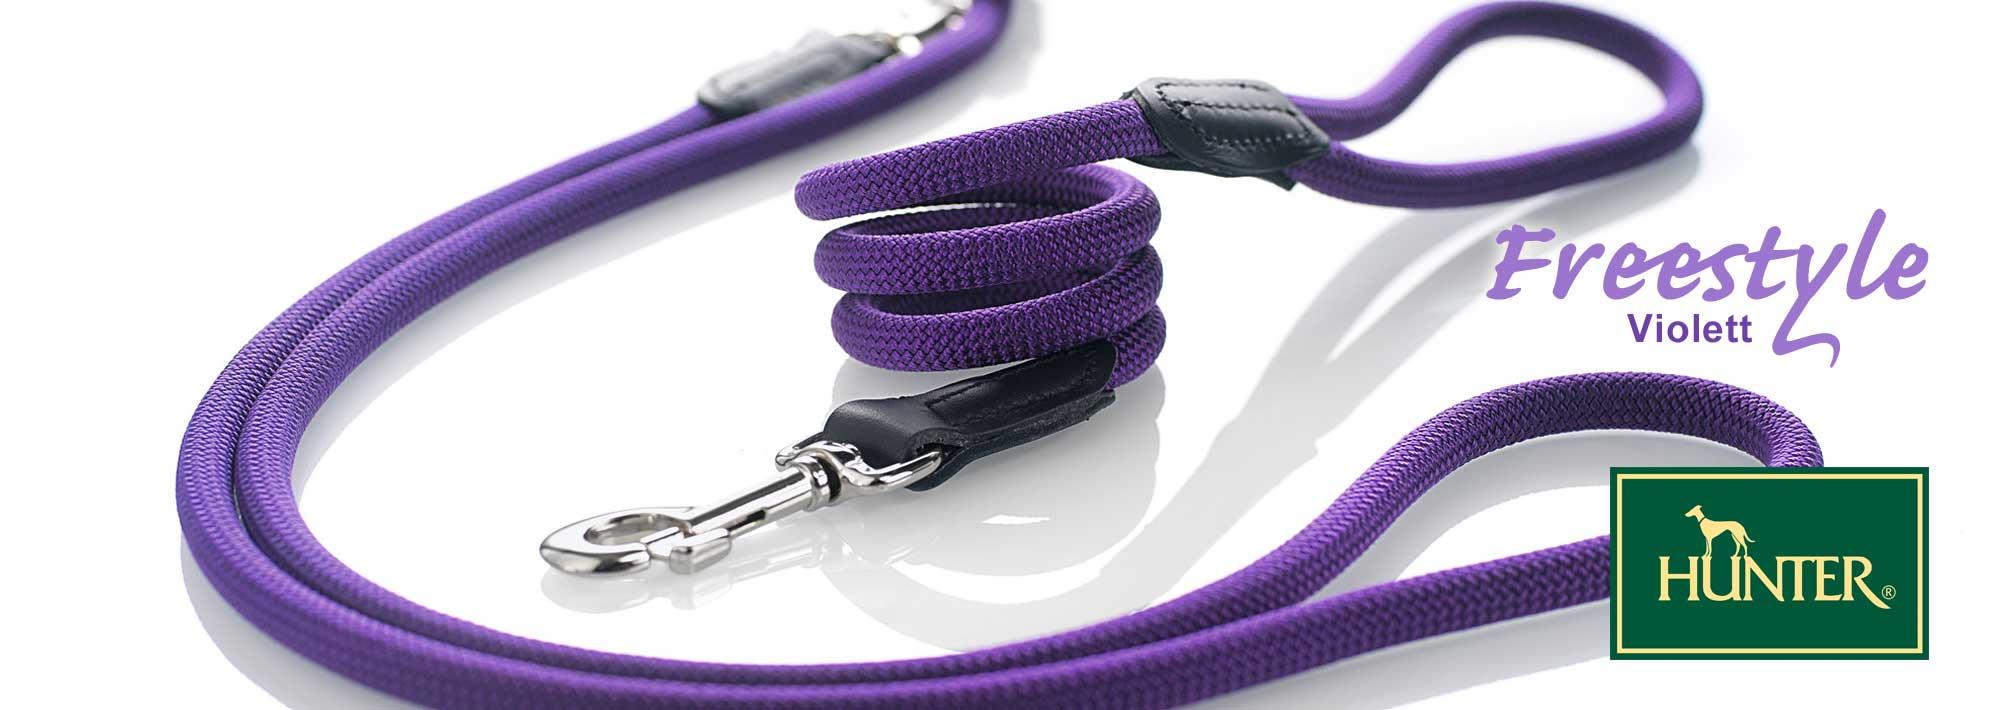 Hunter Freestyle Tau Hundeleinen und Halsbänder, Bild 6